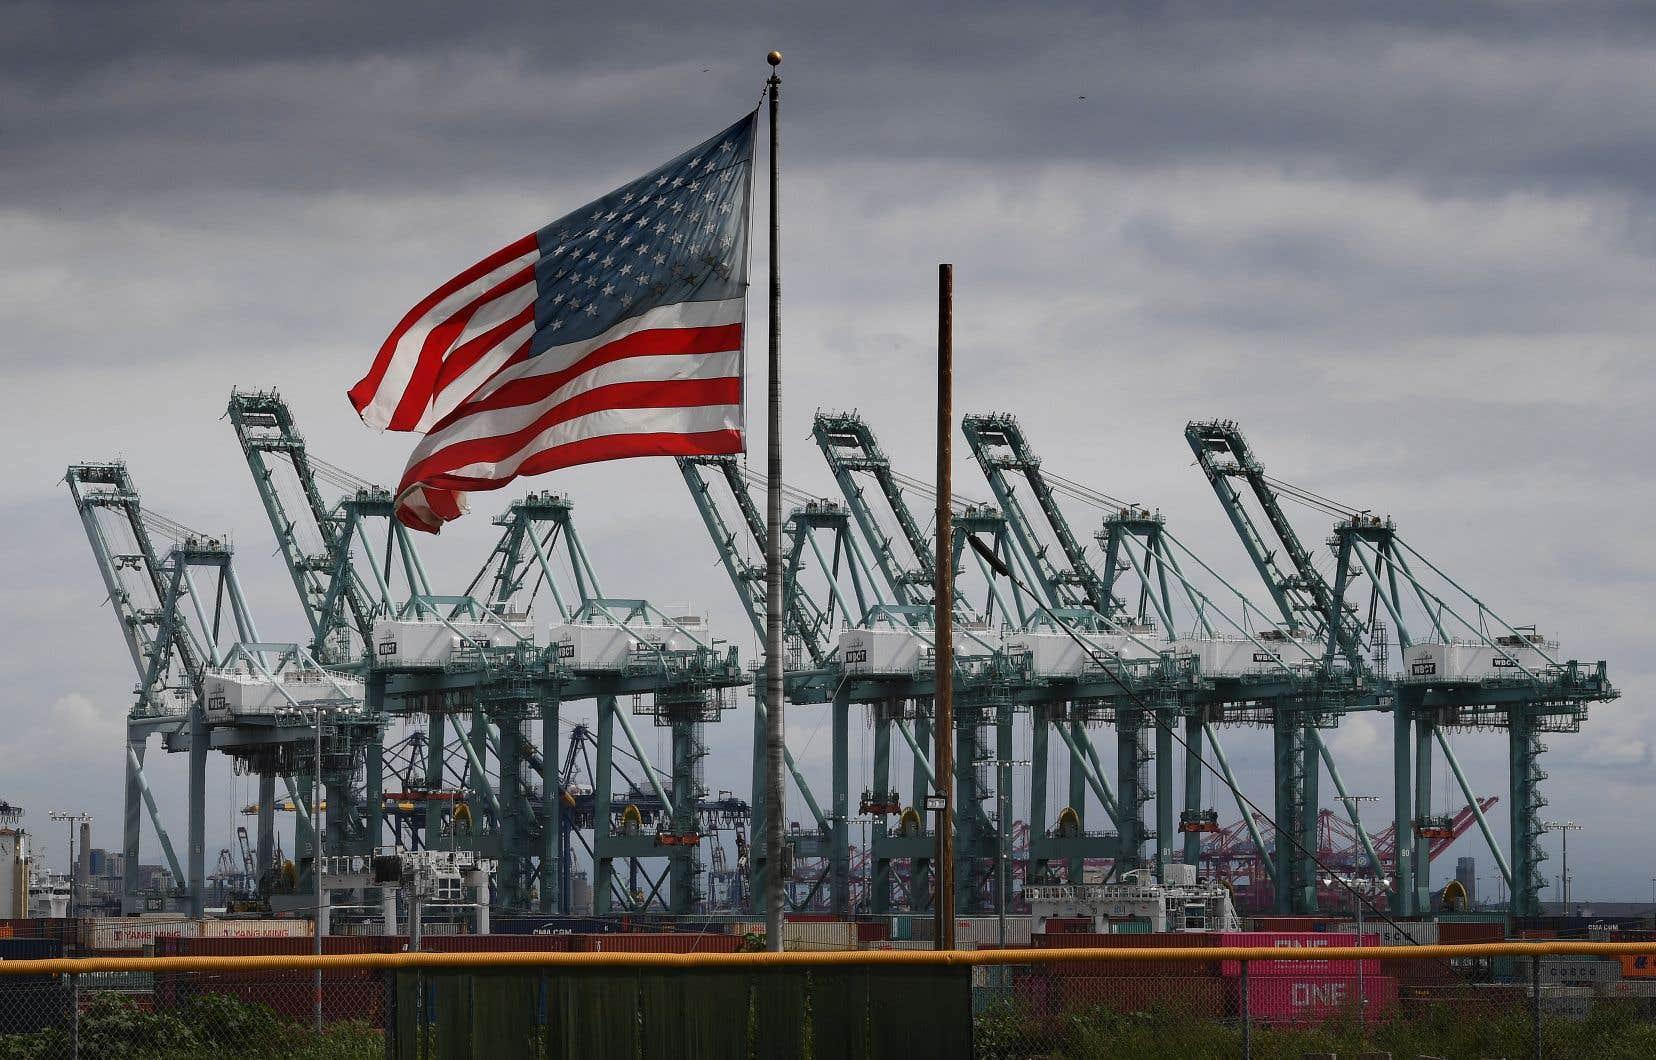 Le drapeau américain flotte au-dessus des grues de transport maritime et des conteneurs à Long Beach, en Californie.